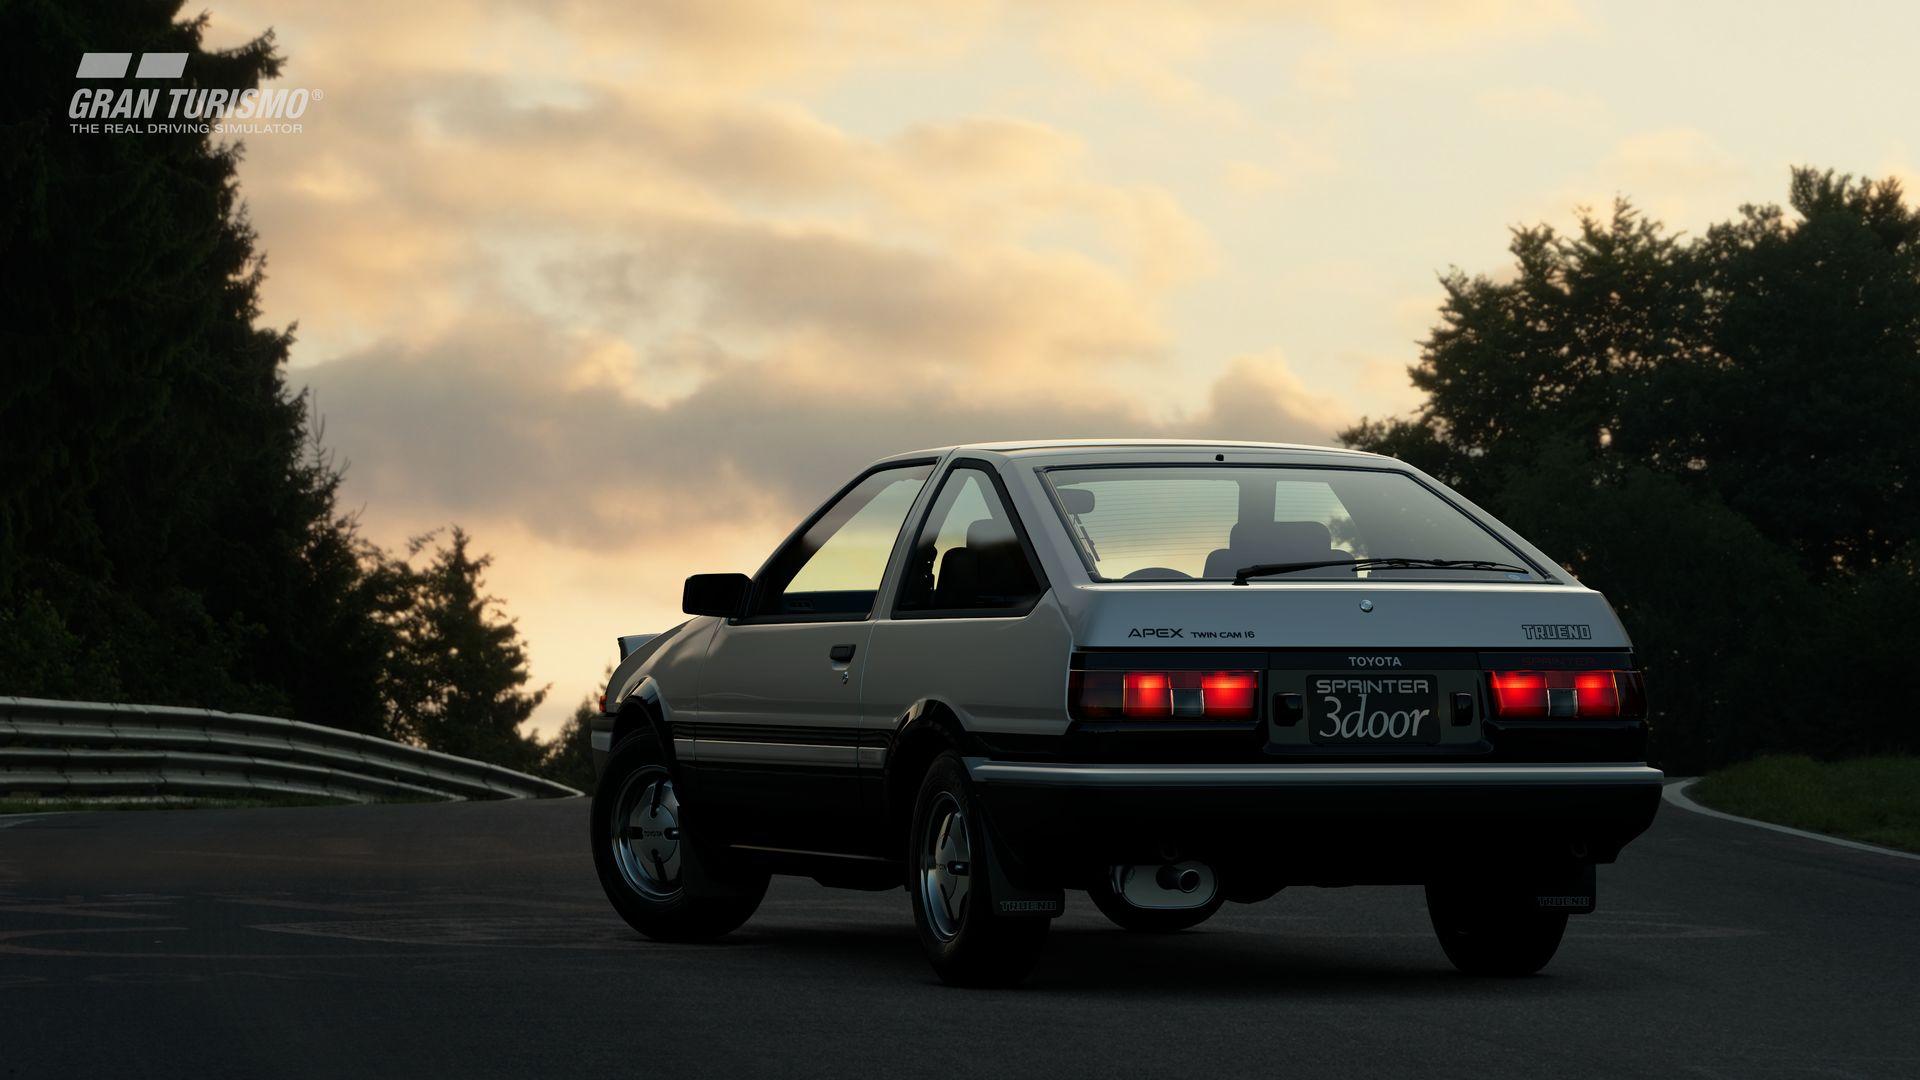 [Image: AEU86 AE86 - Sprinter Trueno AE86 added ...ismo Sport]